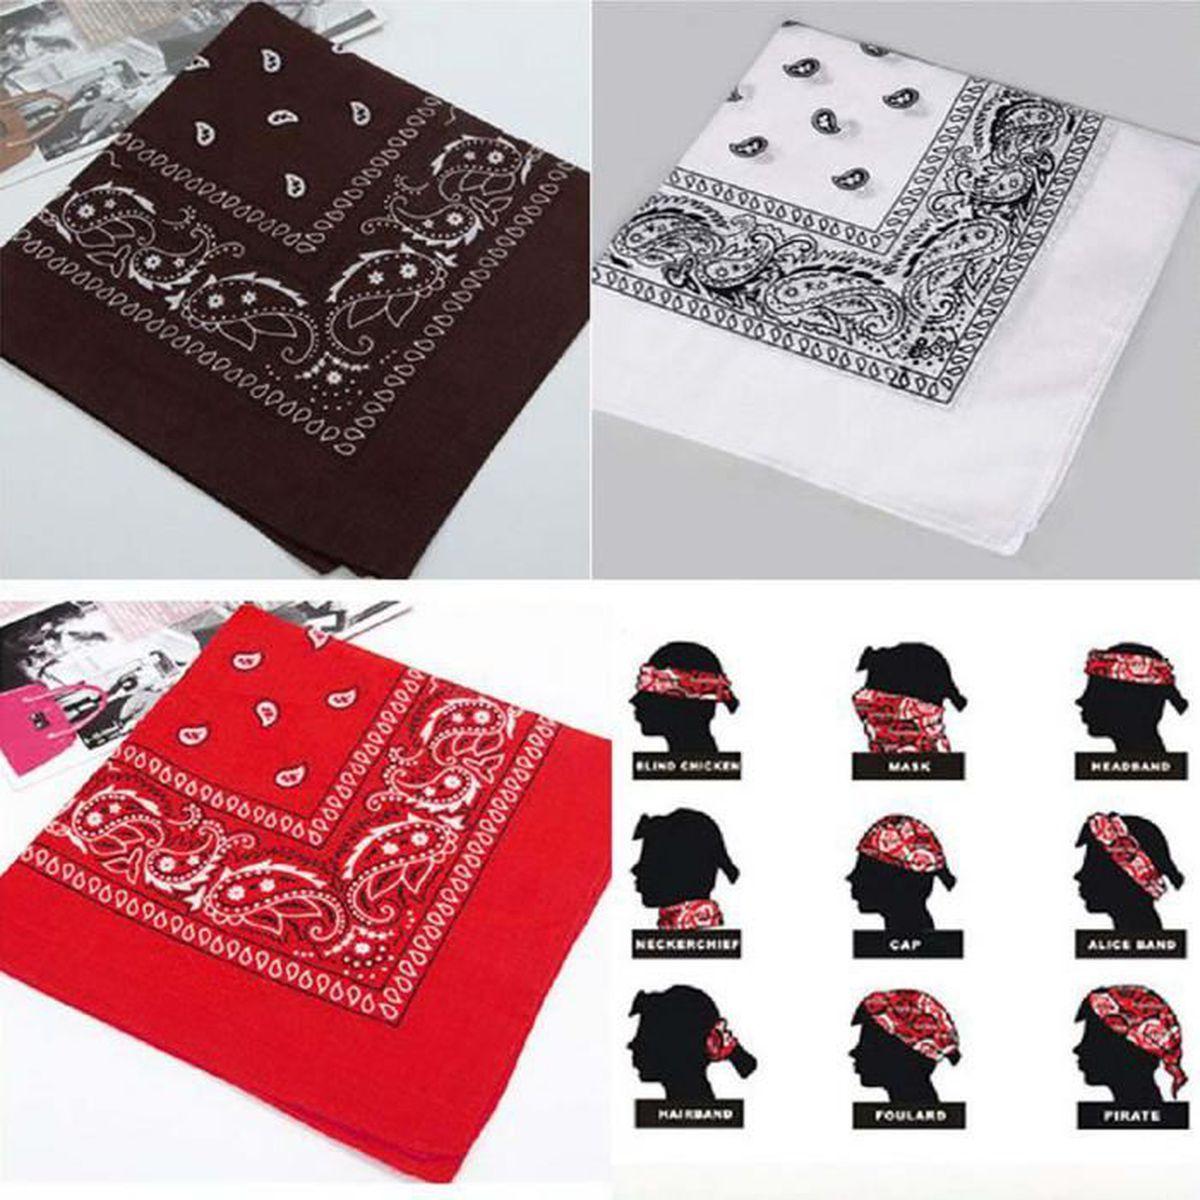 b4dea6380fa Lot bandanas rouge - Achat   Vente jeux et jouets pas chers